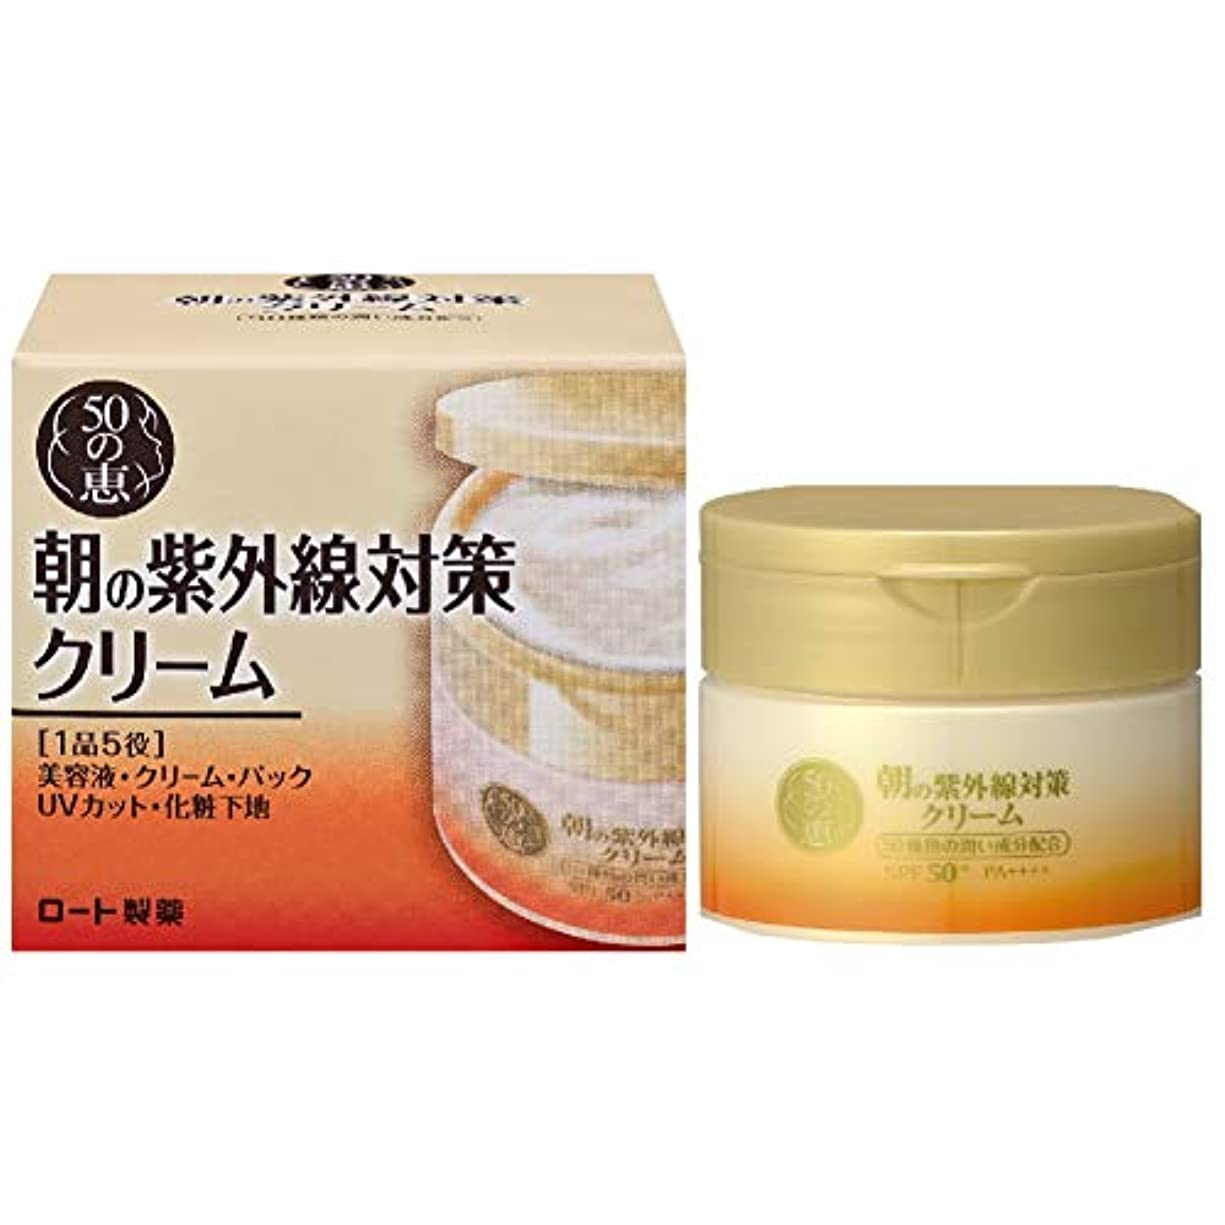 権威完璧くそーロート製薬 50の恵エイジングケア 朝の紫外線対策クリーム 養潤成分50種類配合オールインワン SPF50+ PA++++ 90g